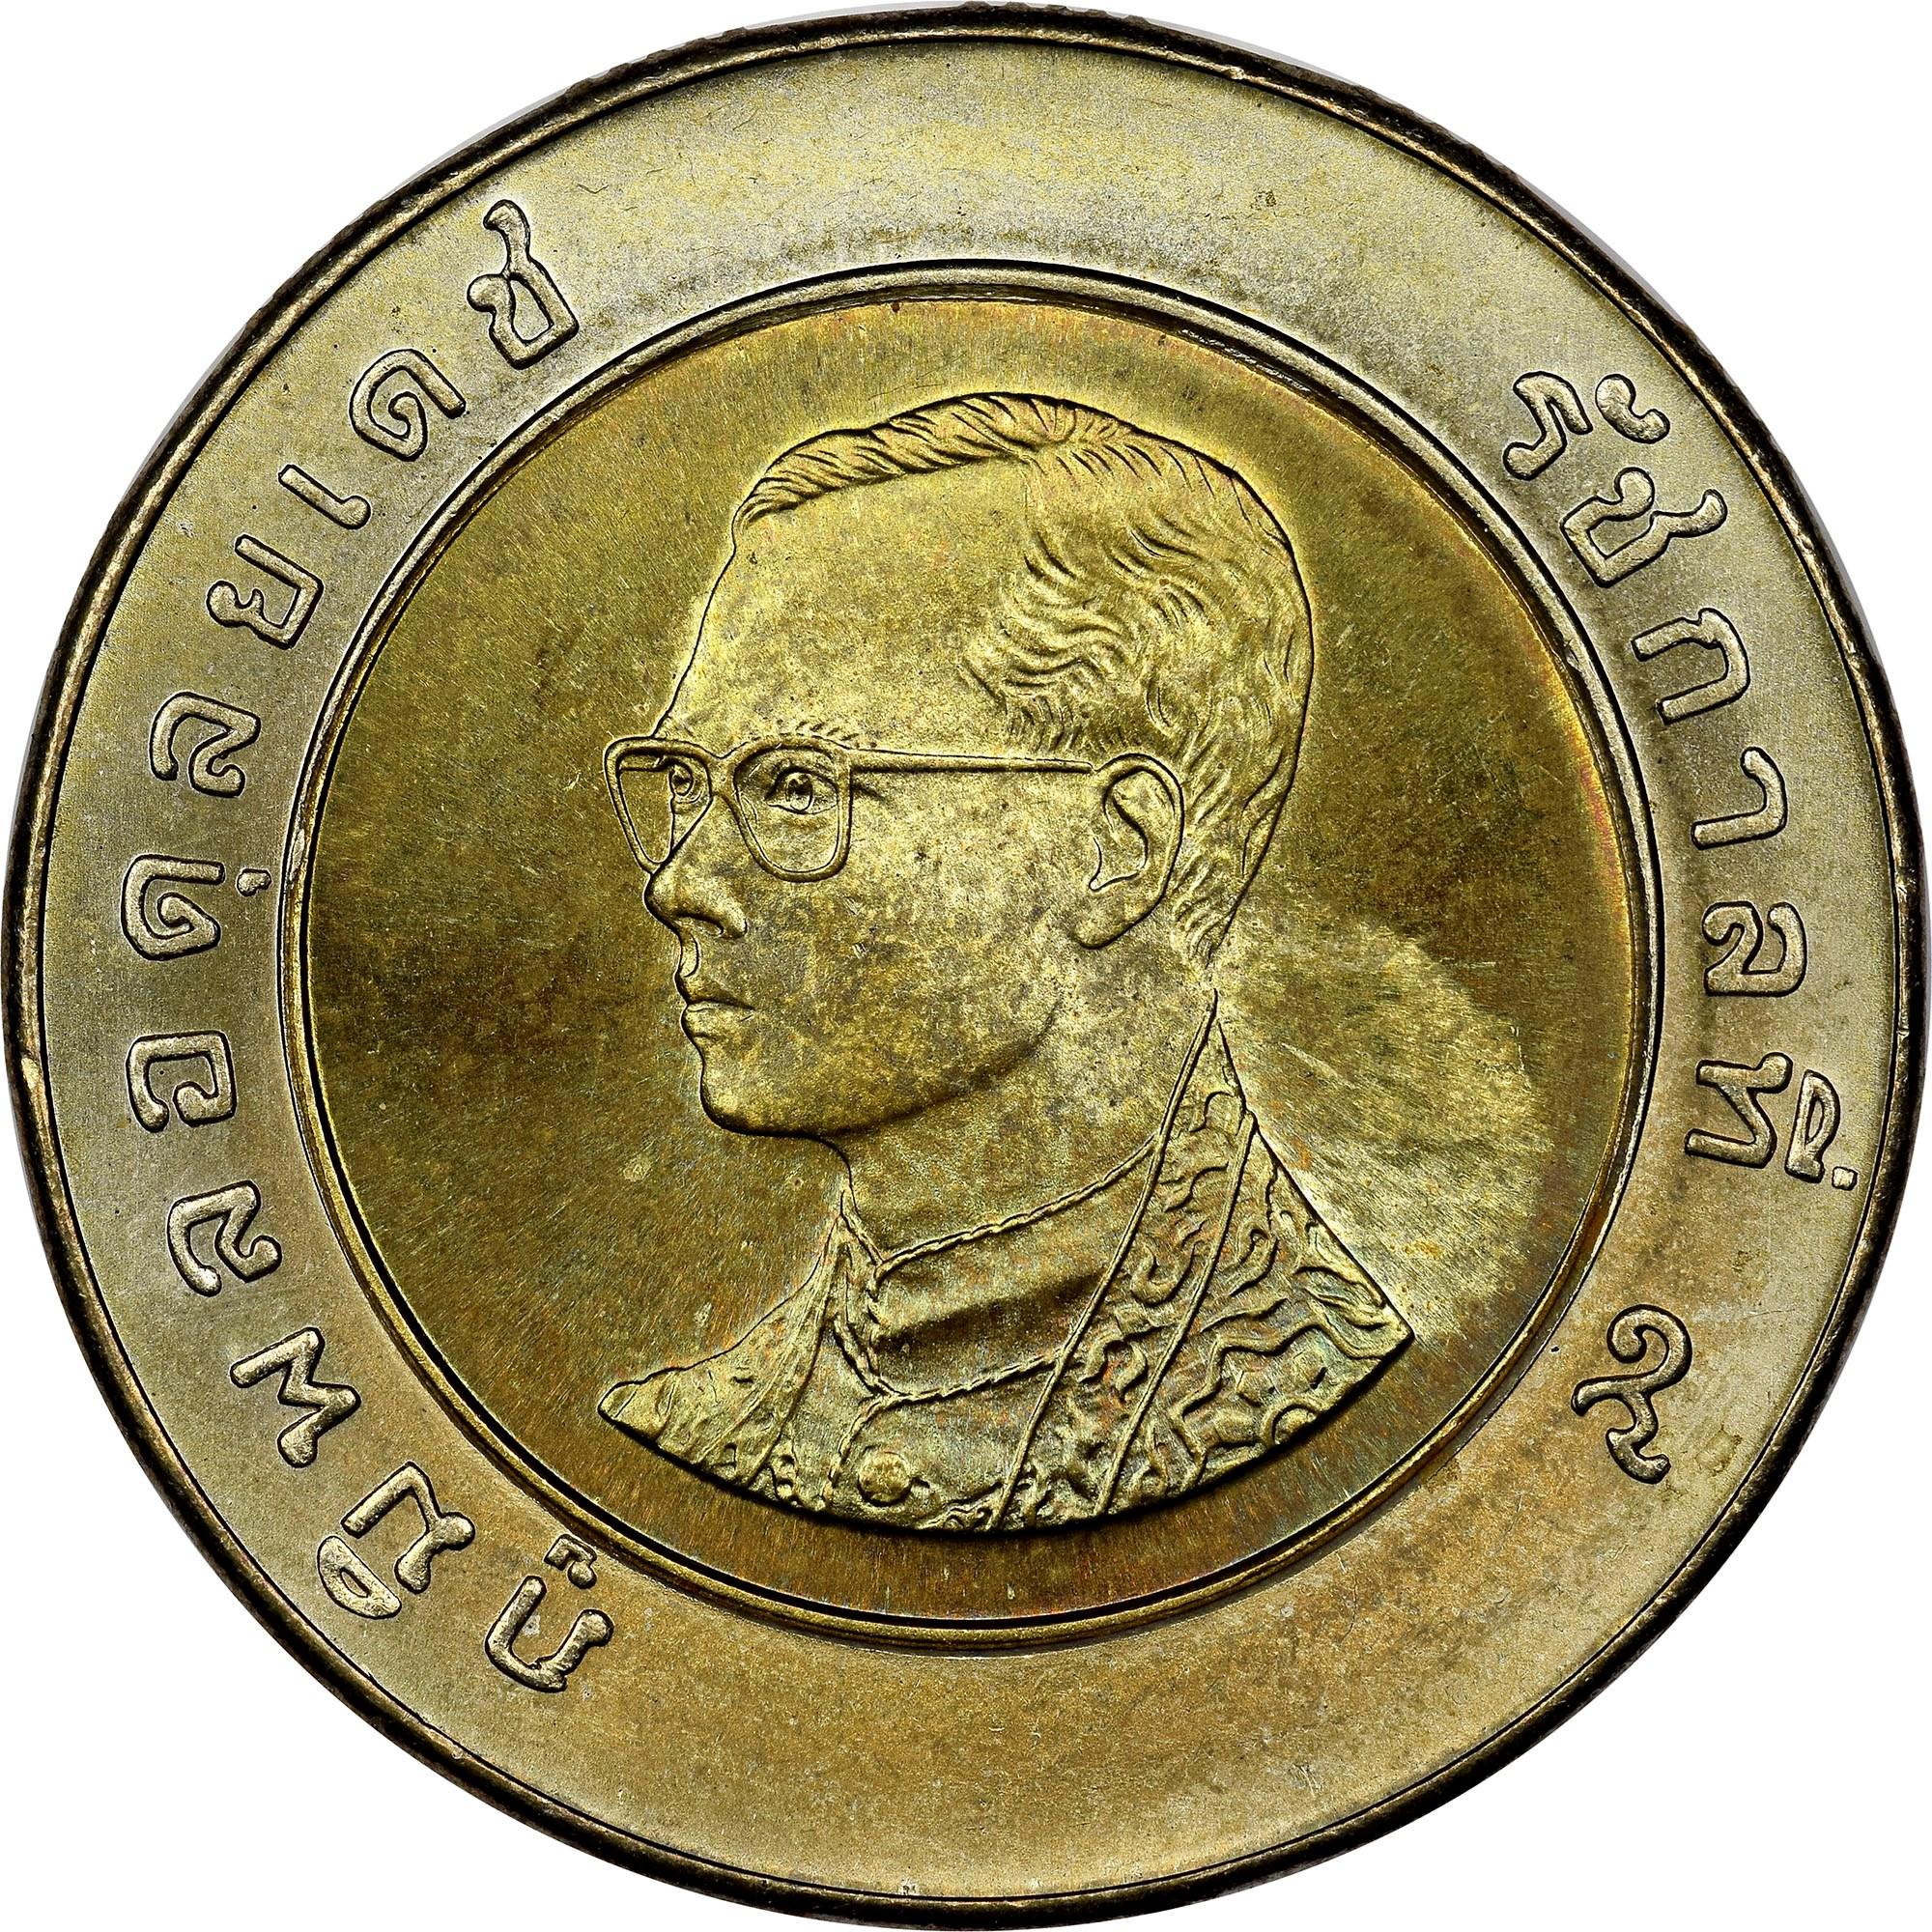 10 thai baht coin value in india